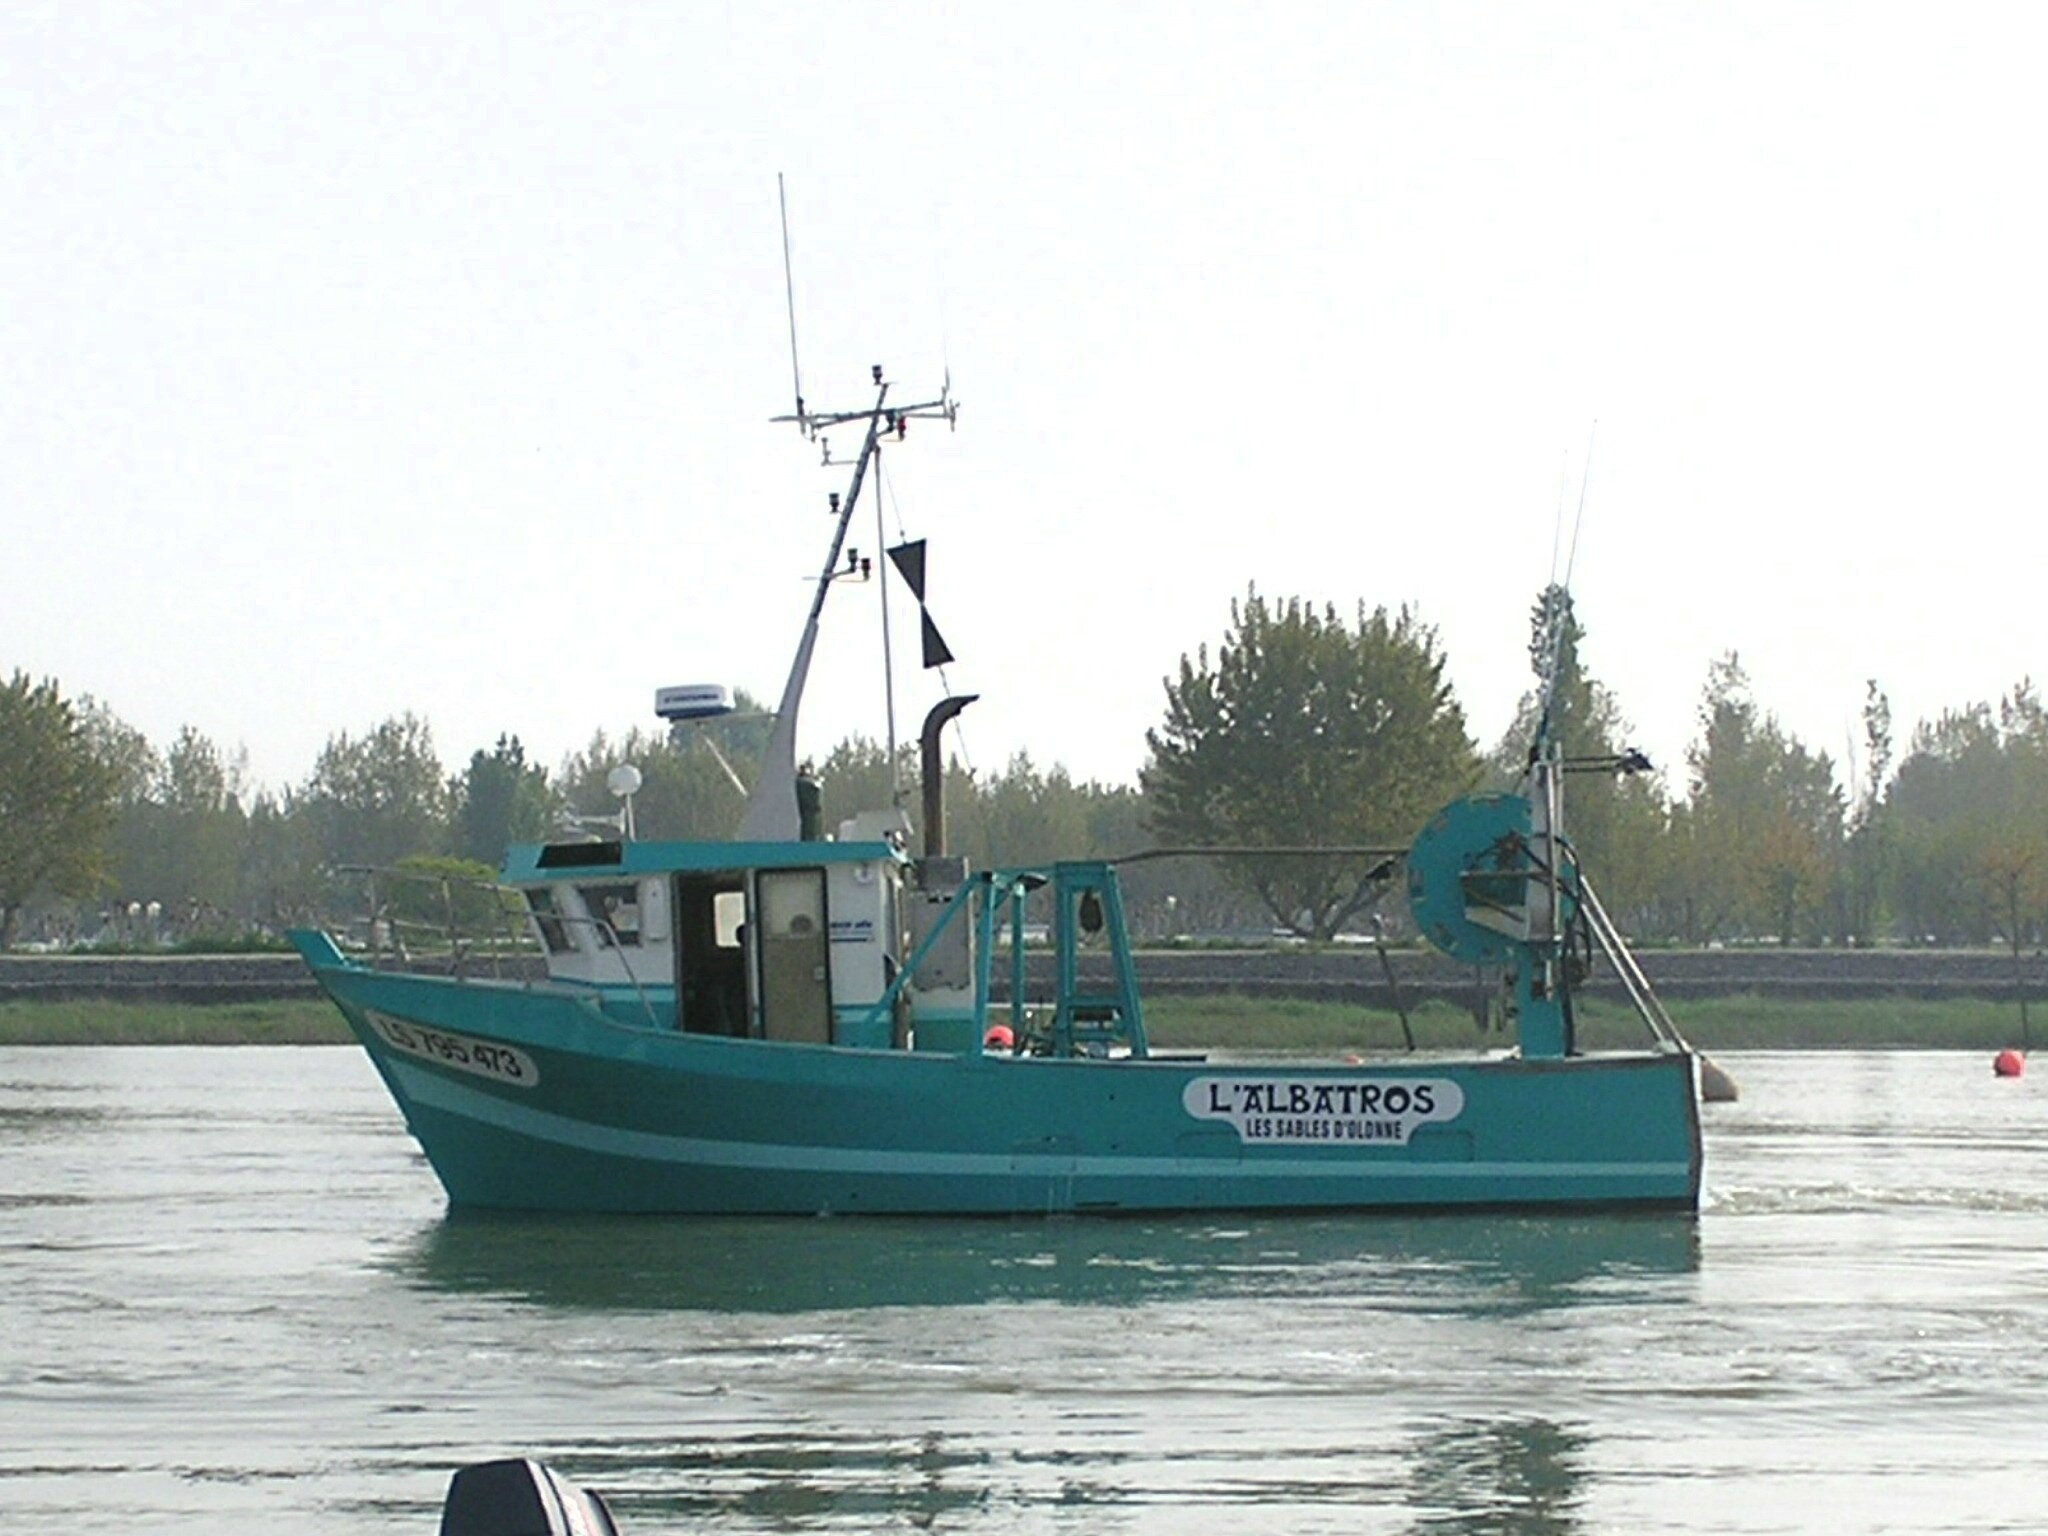 bateau l'albatros